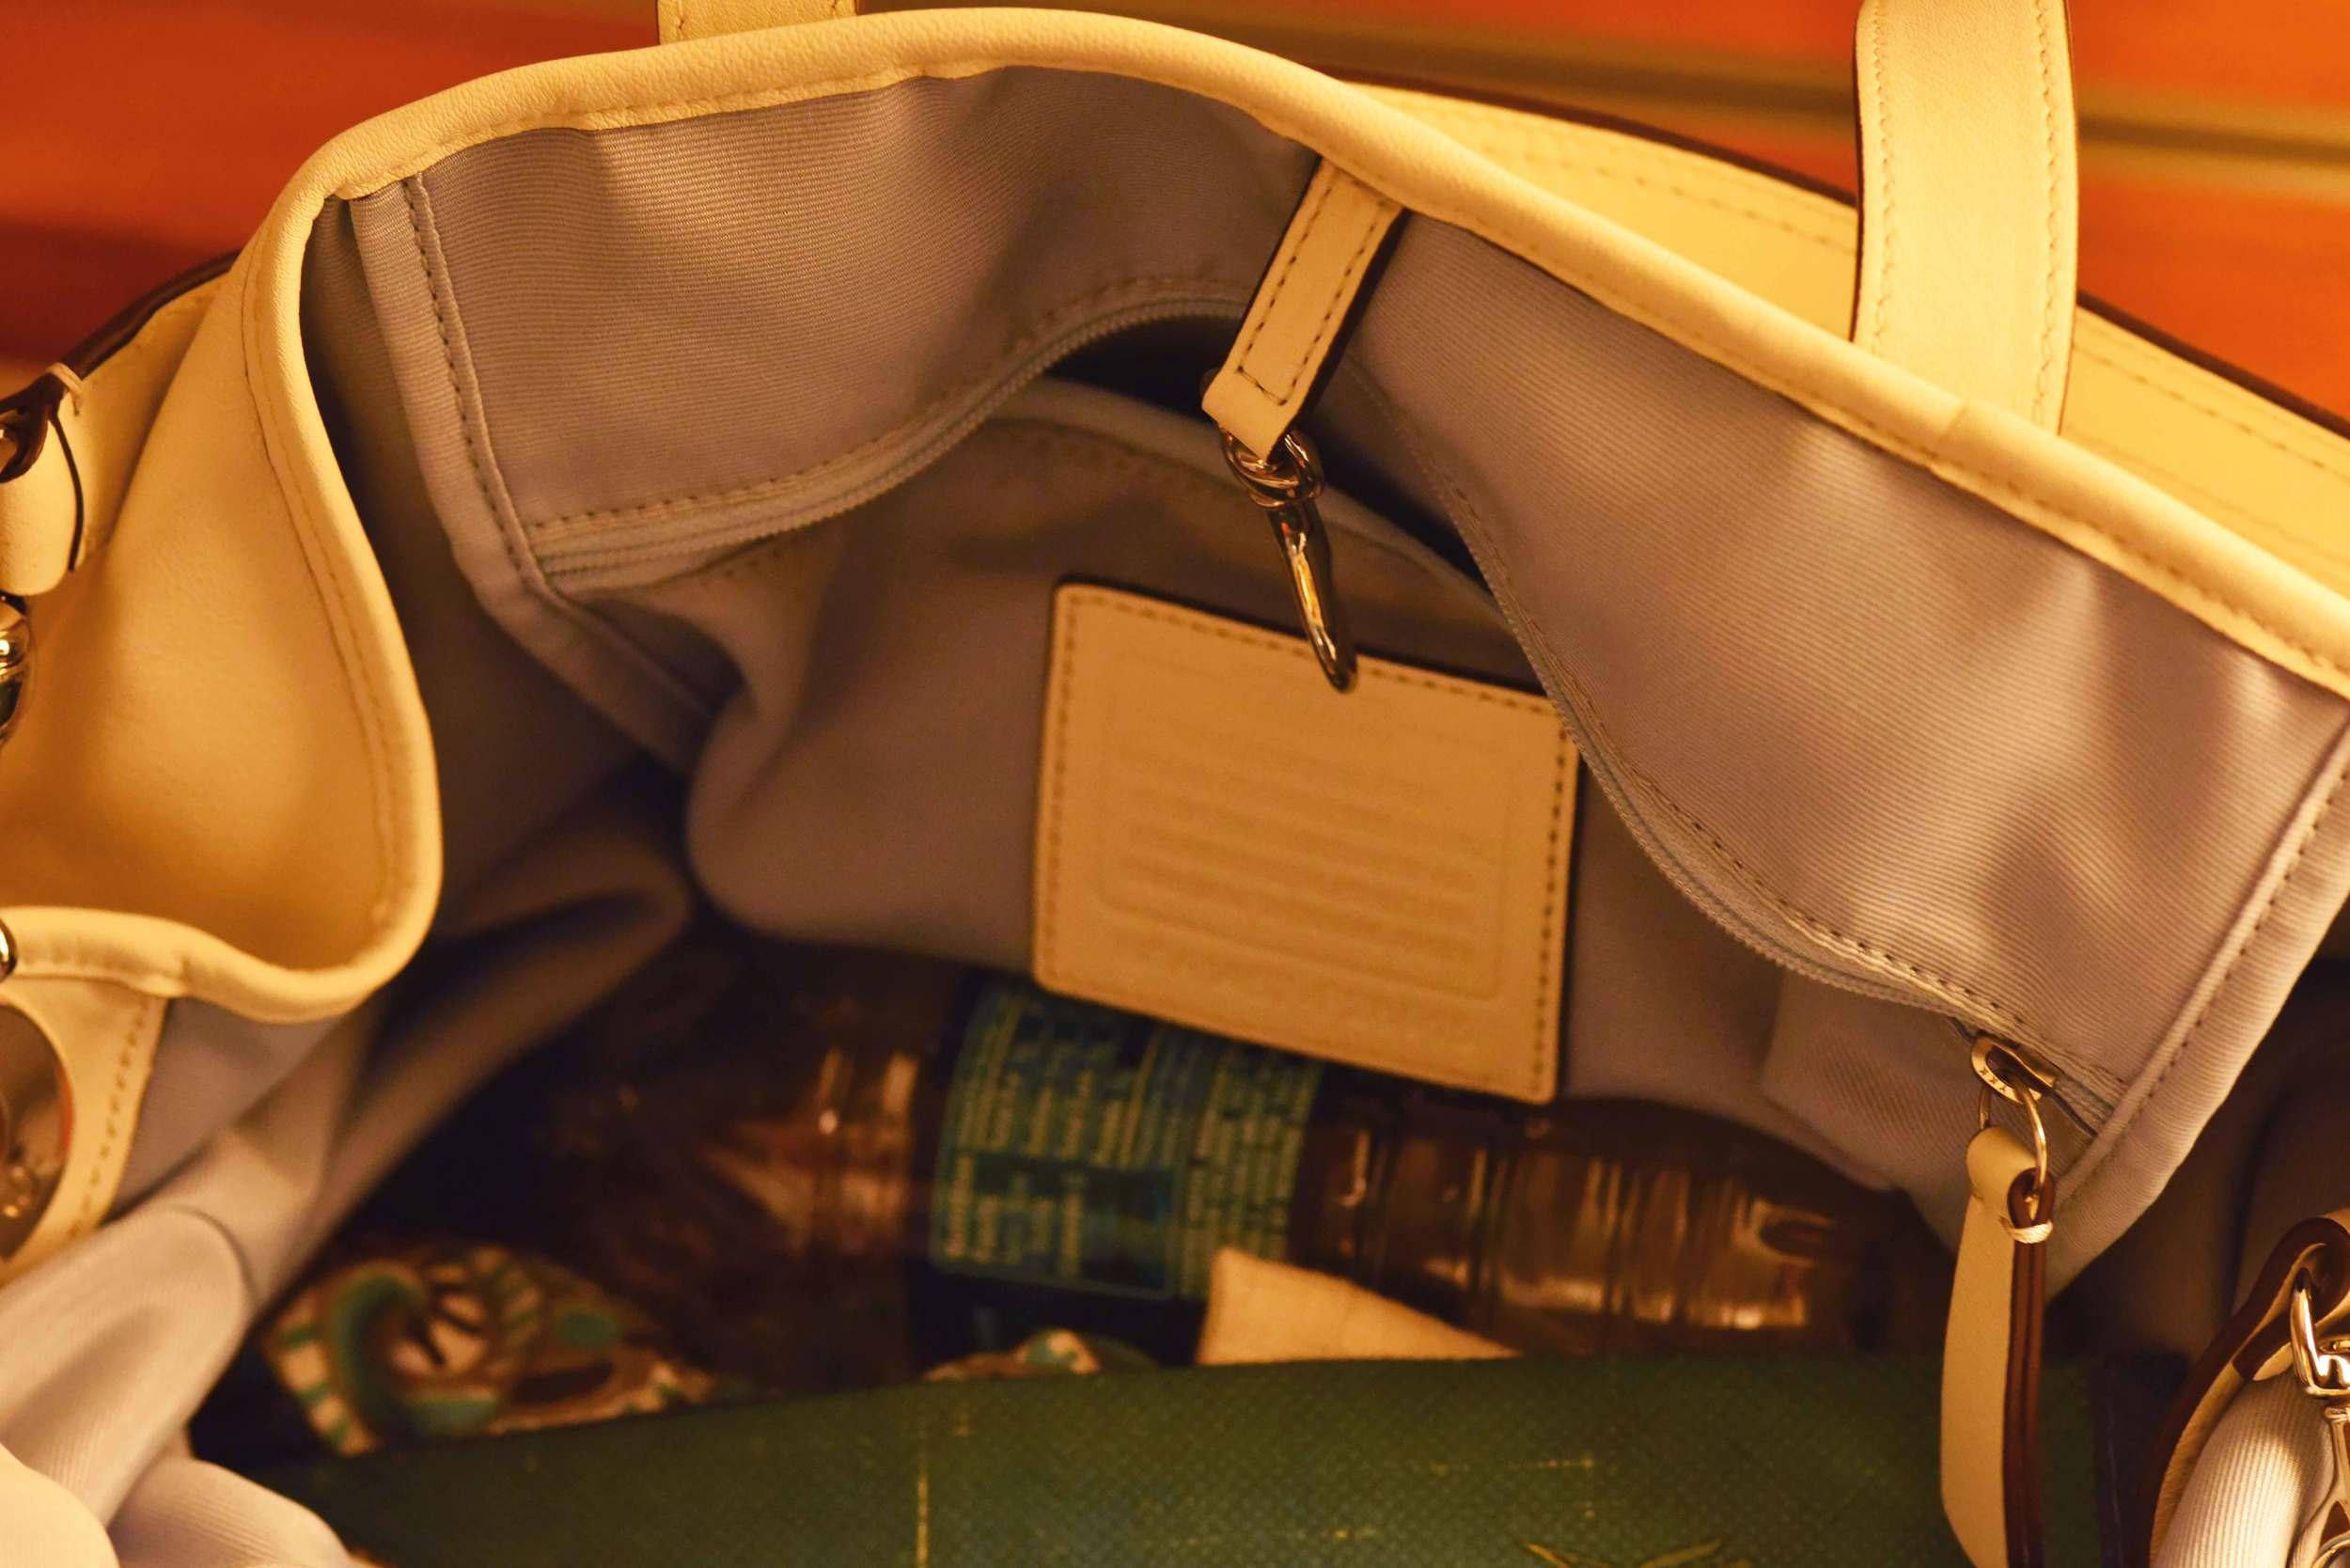 Spacious Coach bag! Image©gunjanvirk